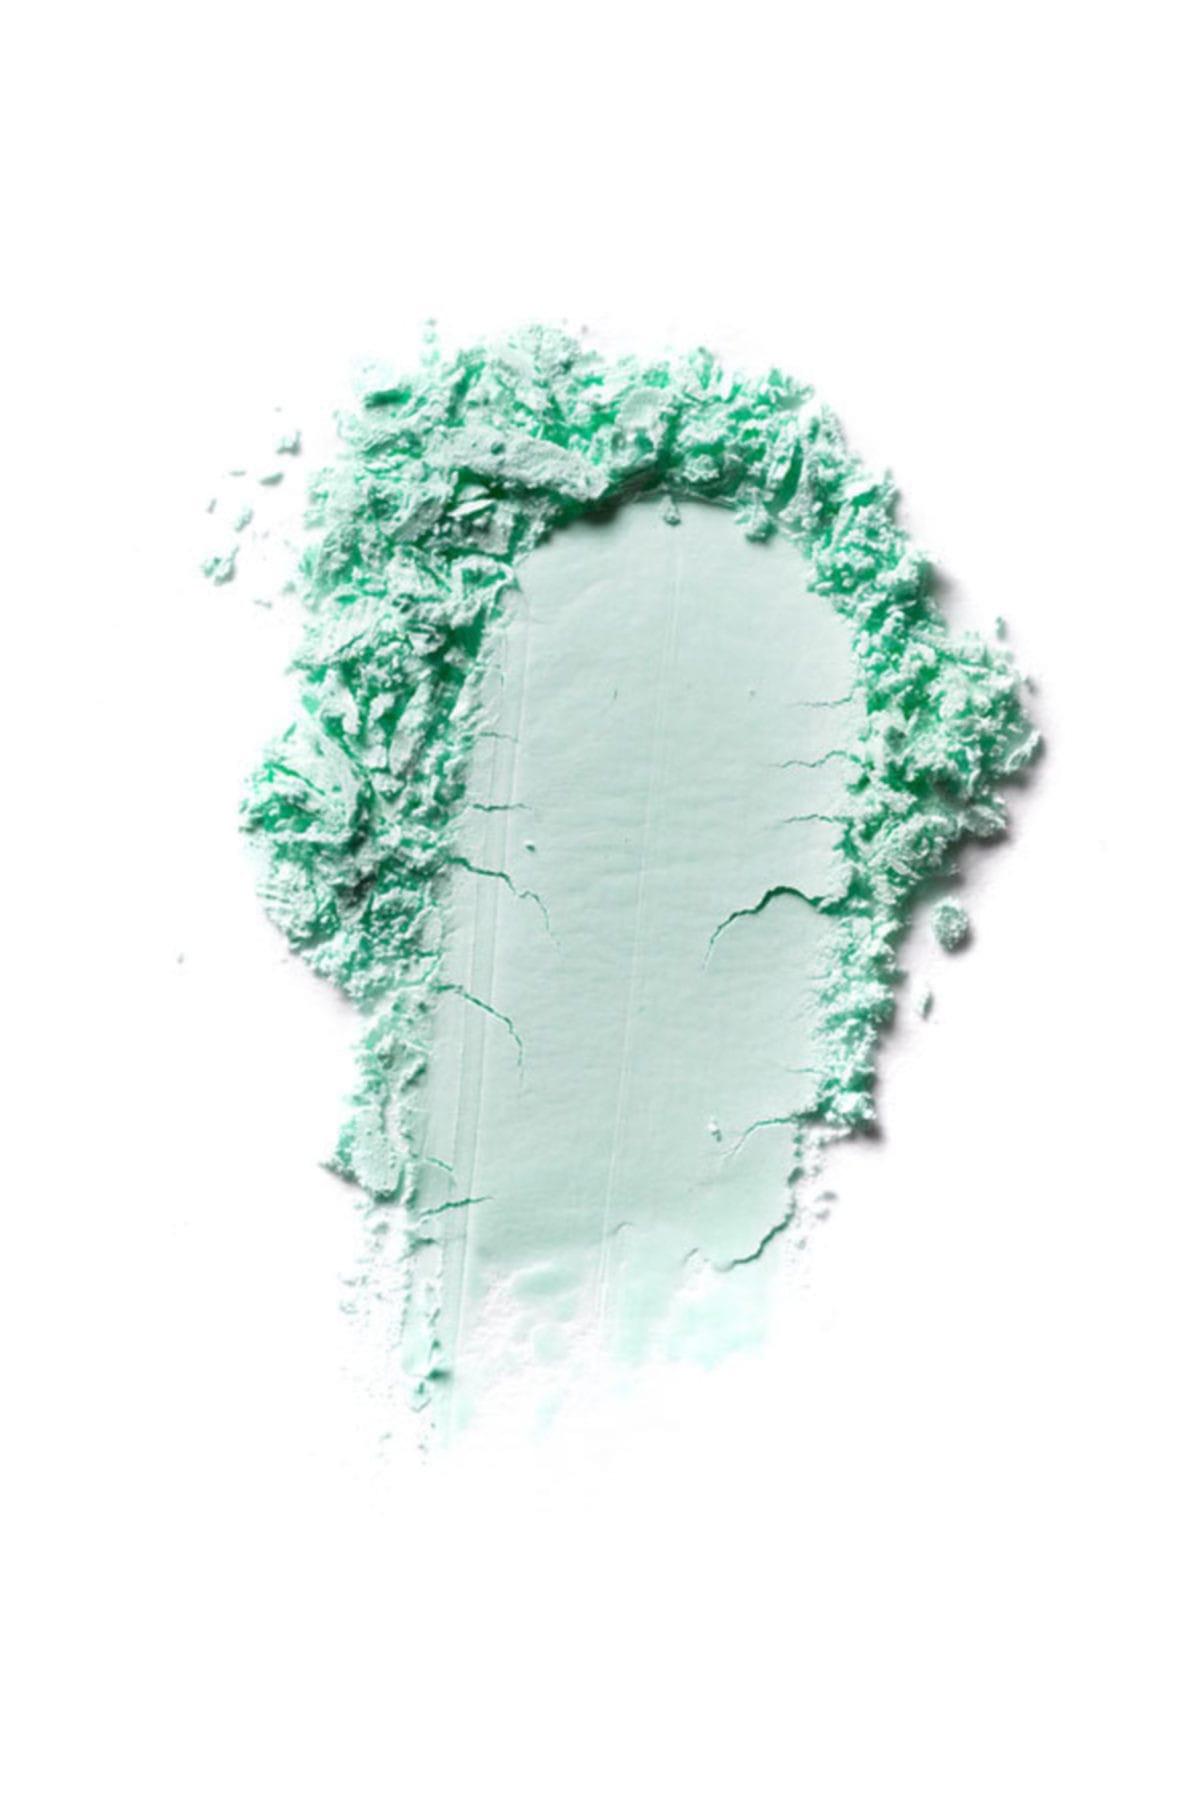 BOBBI BROWN Göz Farı - Eyeshadow Sea Glass 2.5 g 716170141749 2